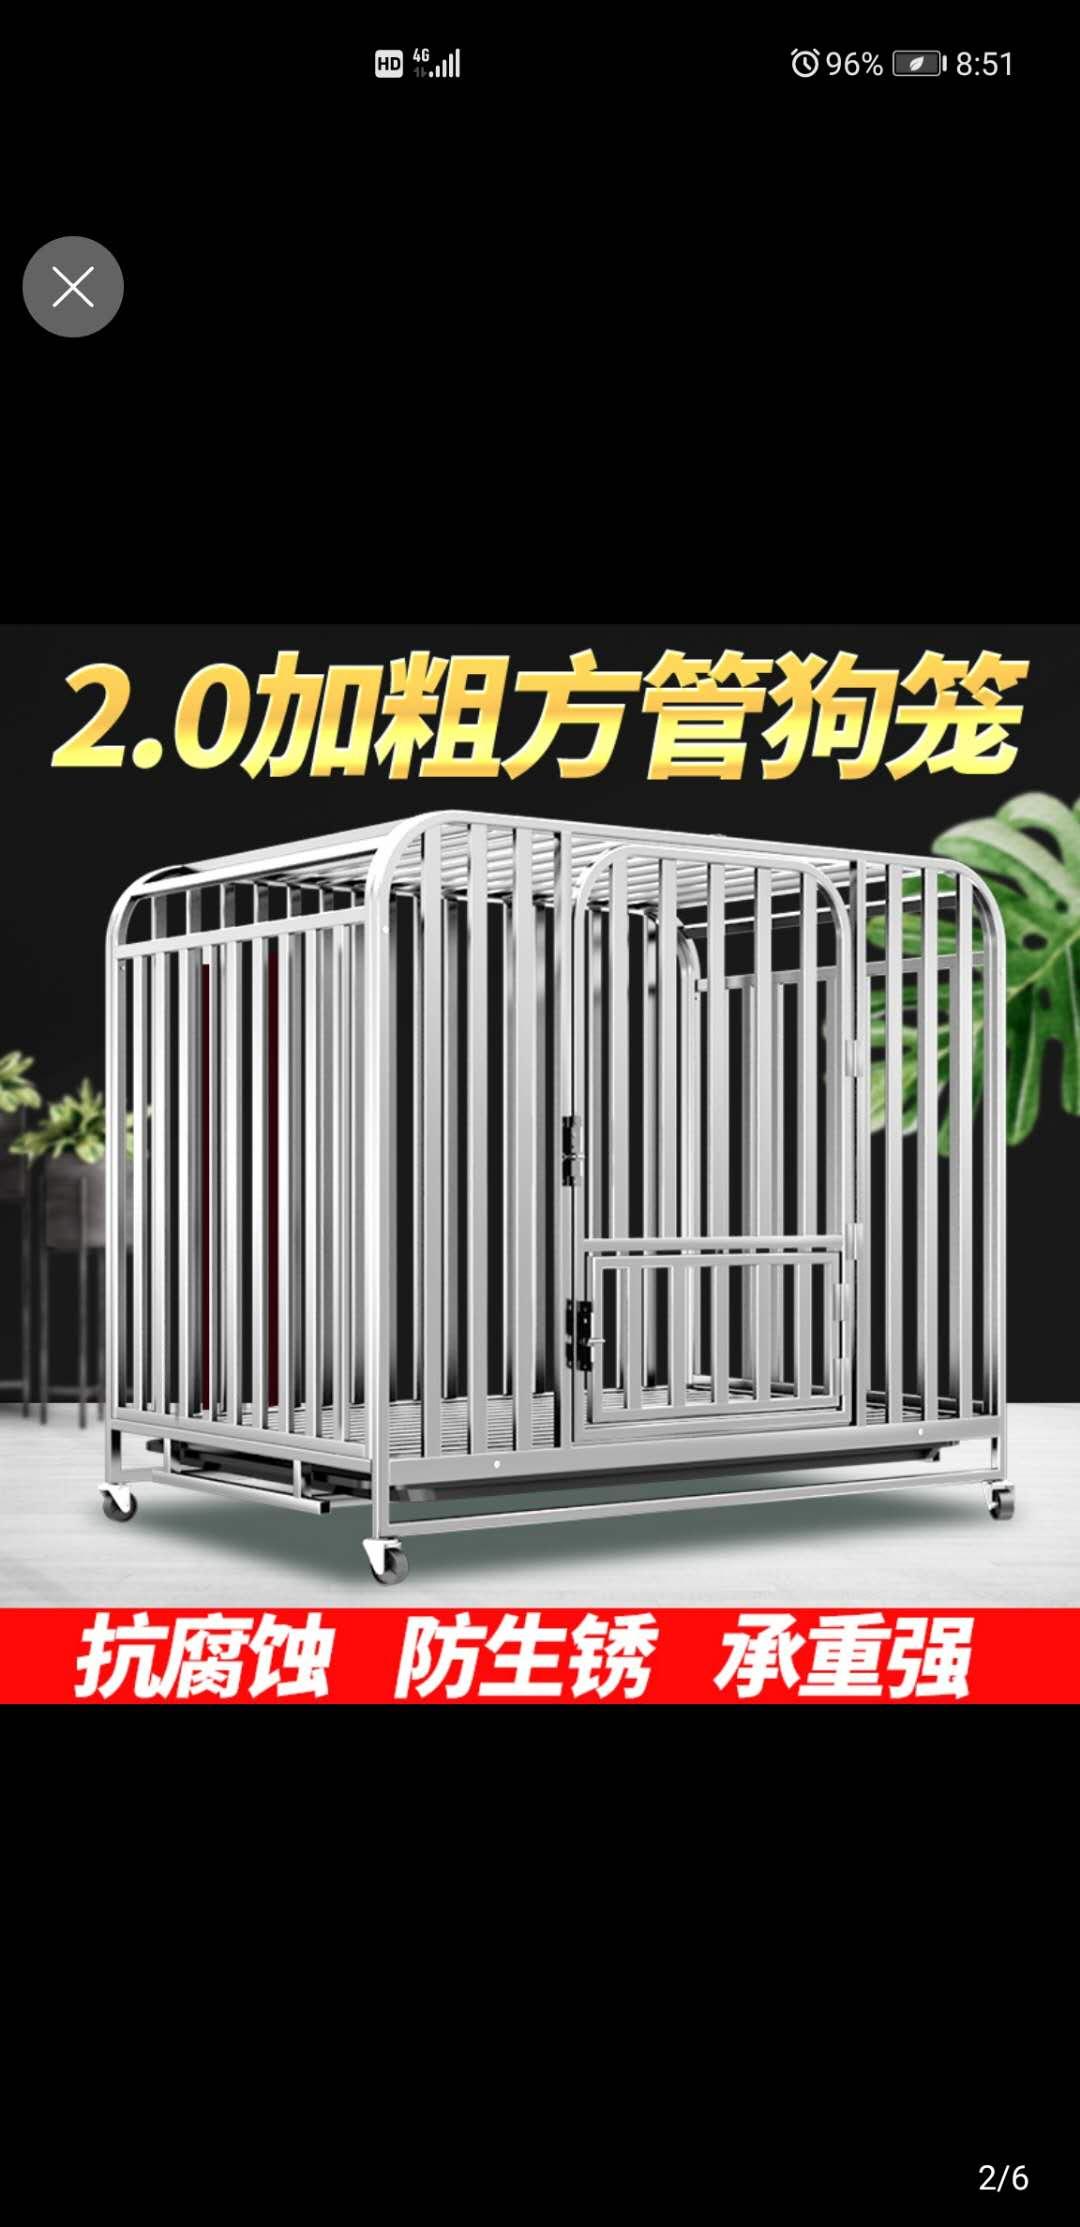 **大型犬笼子